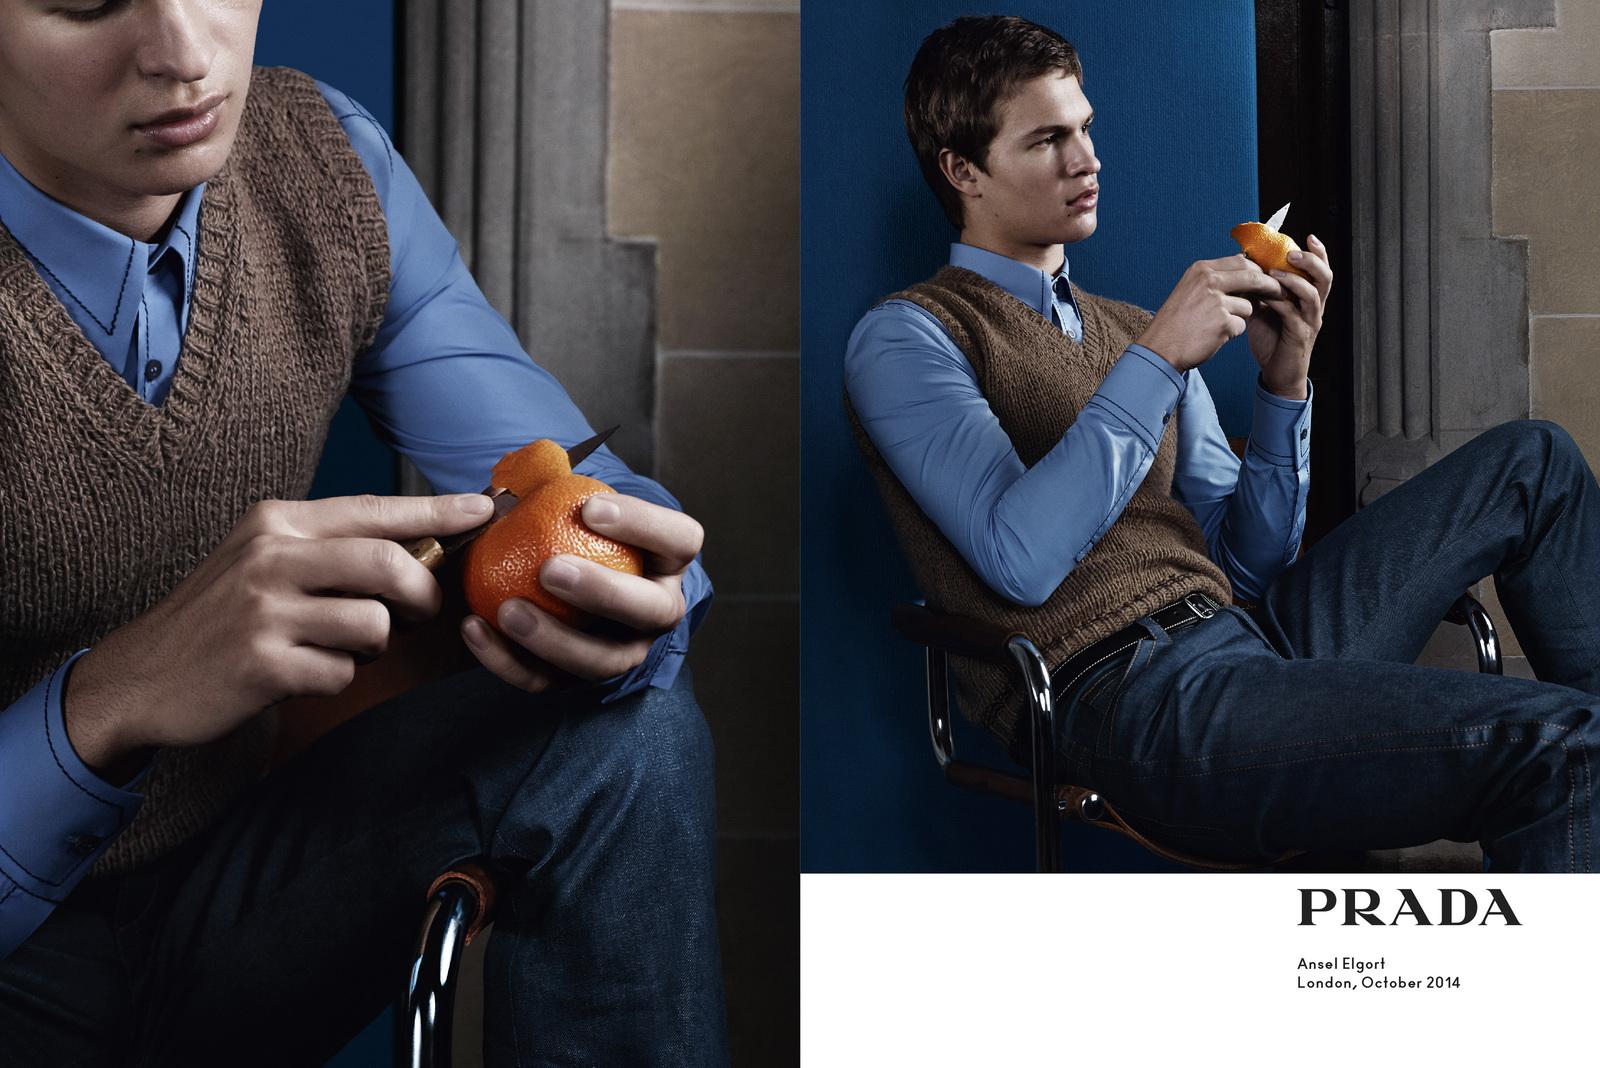 Prada SS15 Menswear Adv Campaign image_01